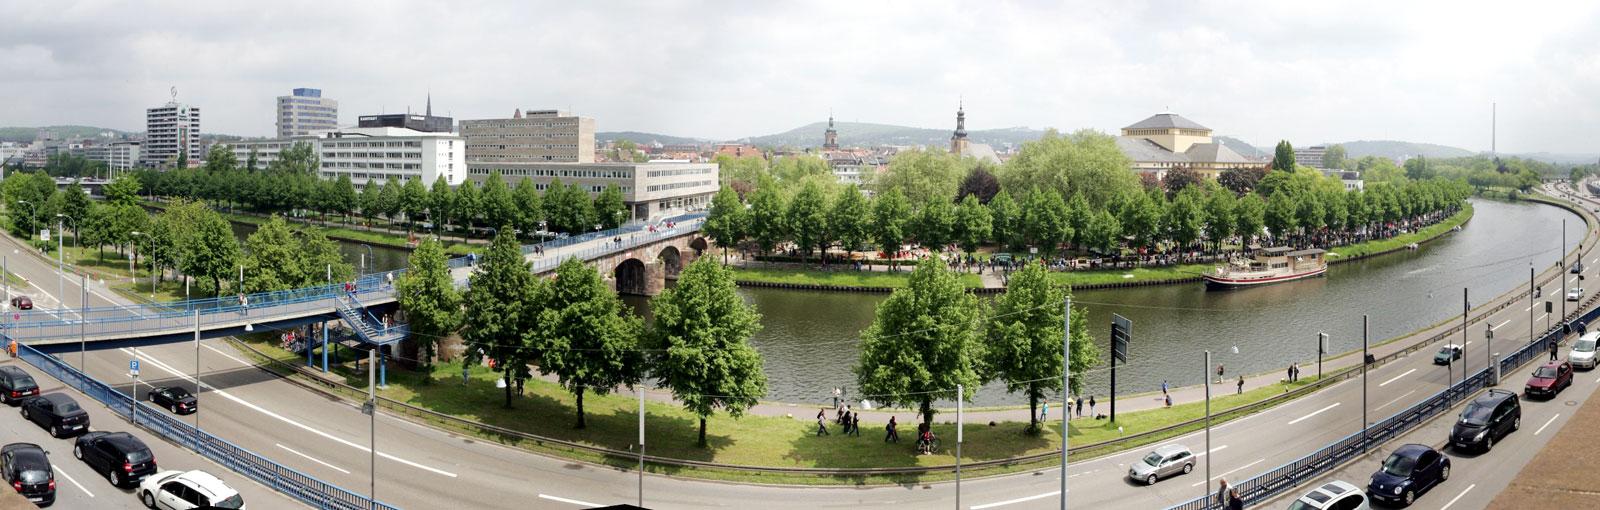 Haus und Grund Saarbrücken Haus und Grund Saarbrücken